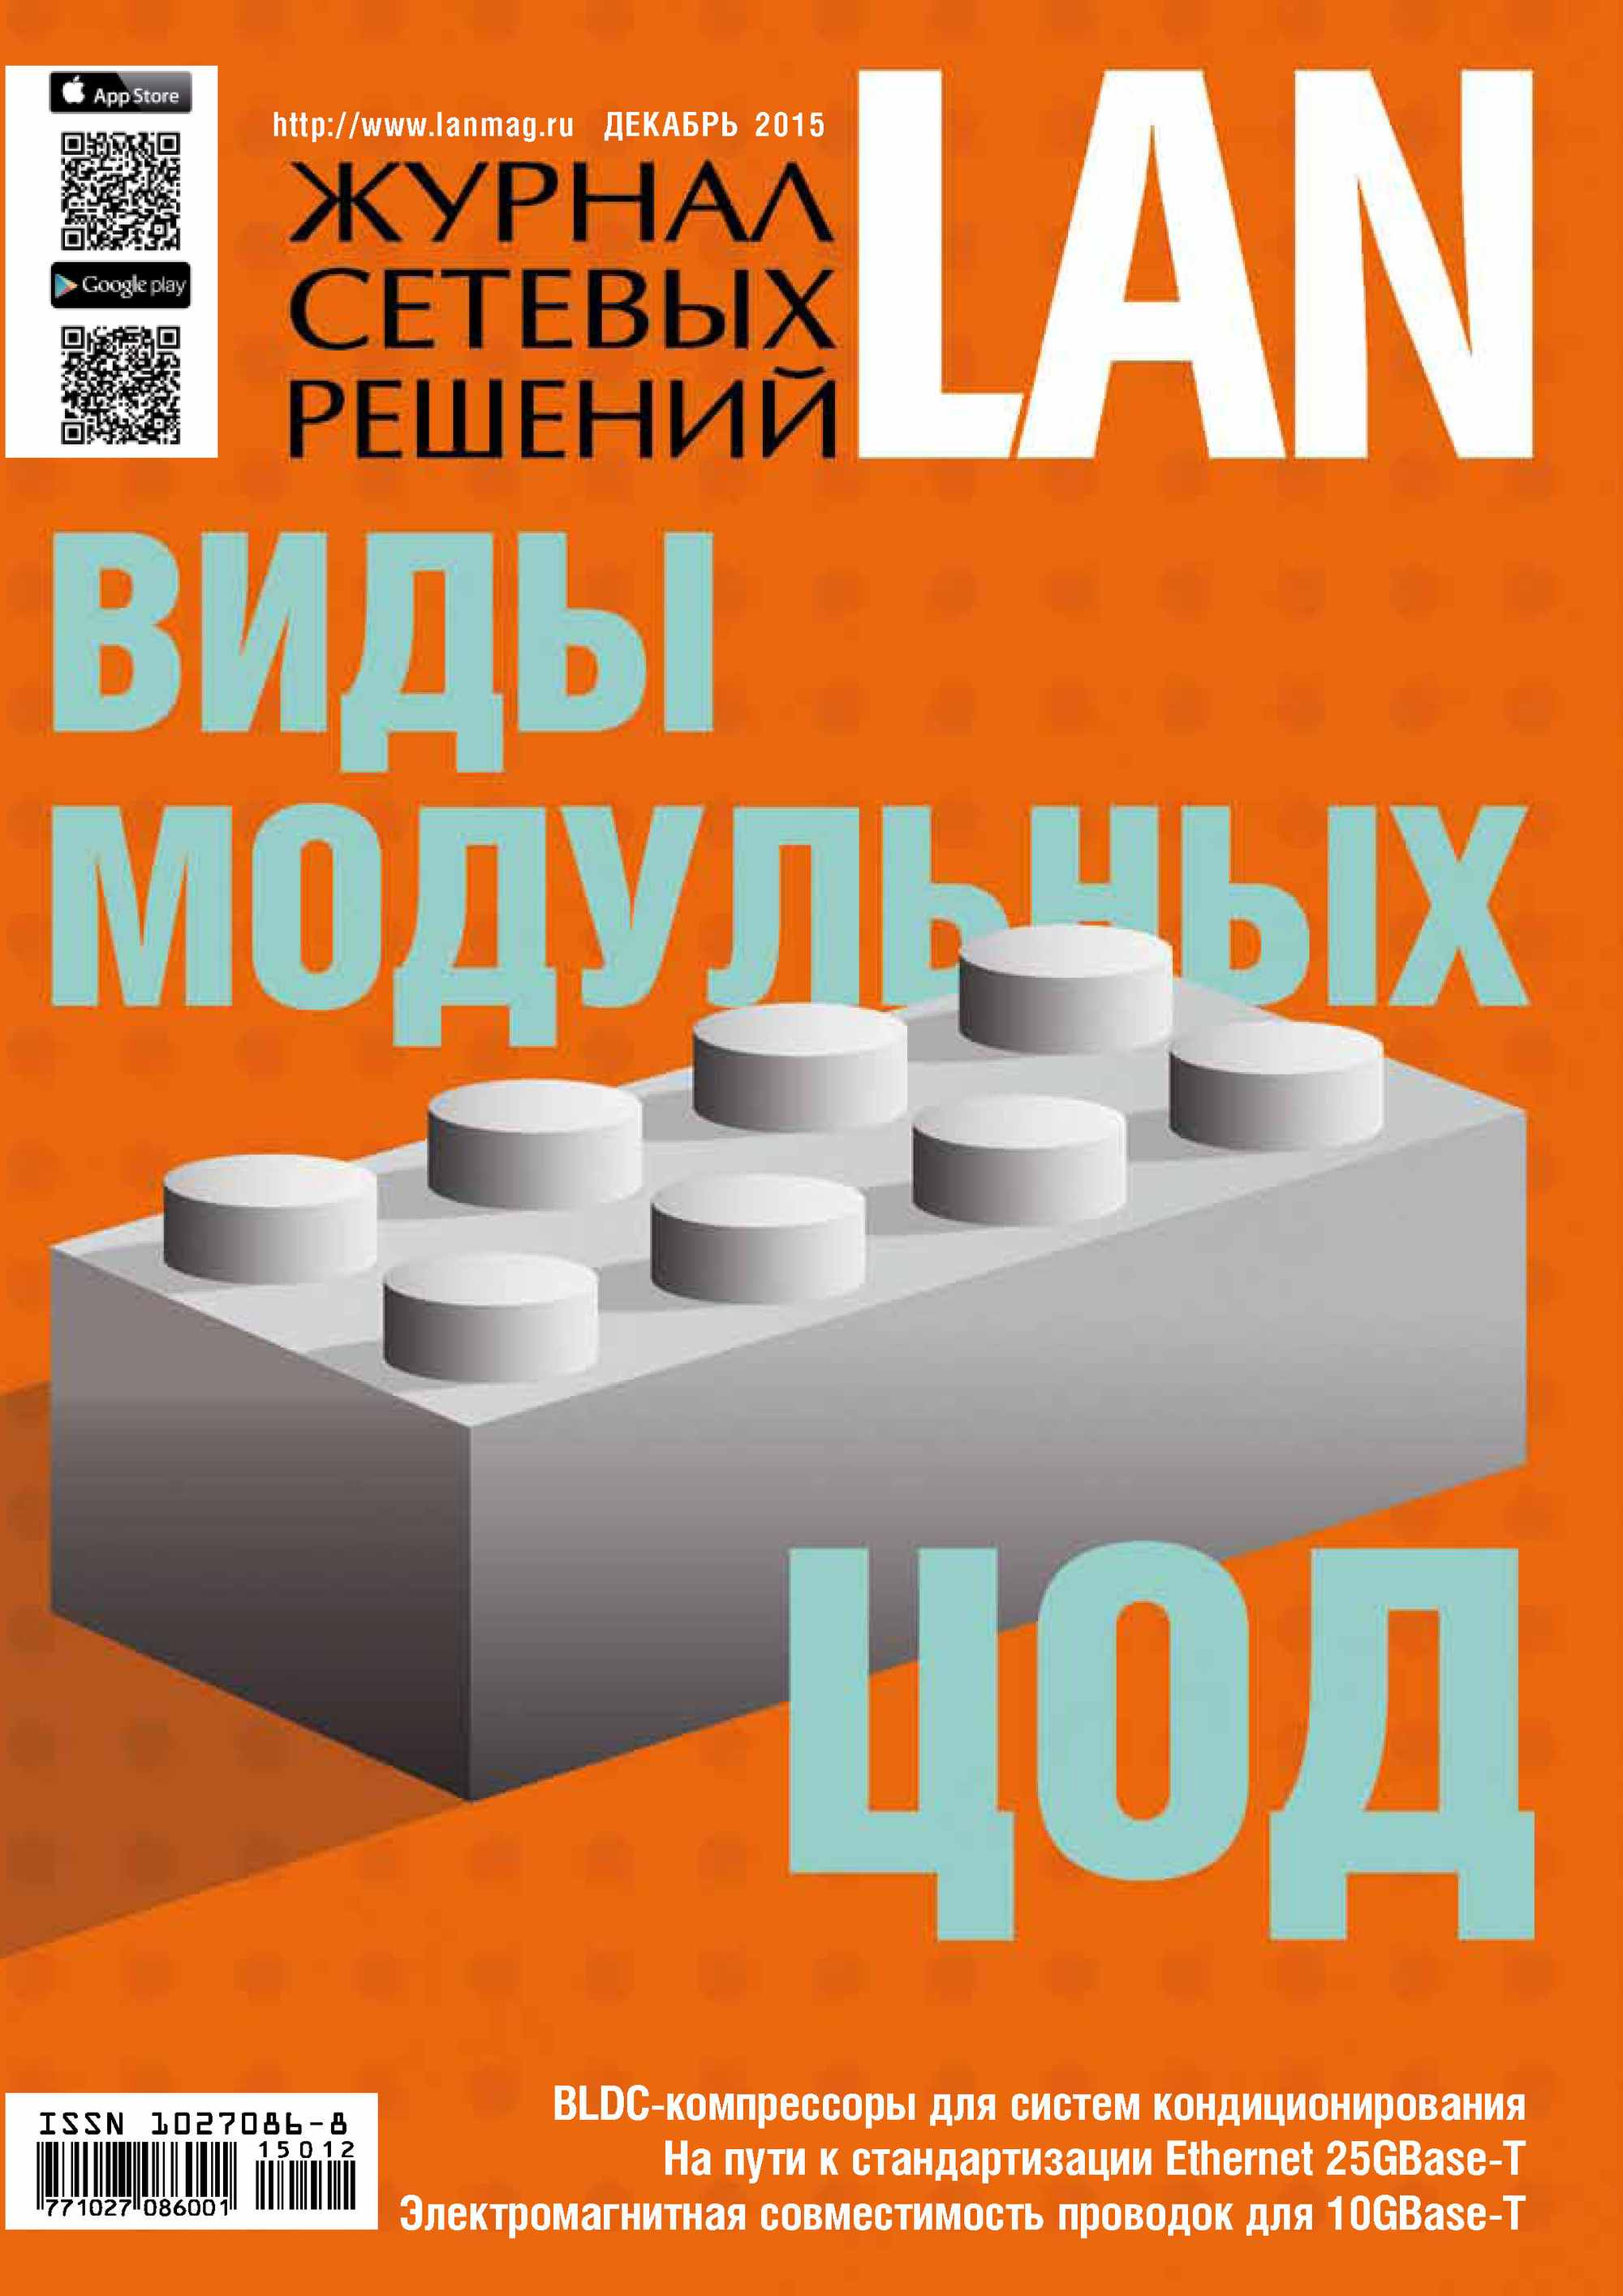 Открытые системы Журнал сетевых решений / LAN №12/2015 корабельные оптические системы связи